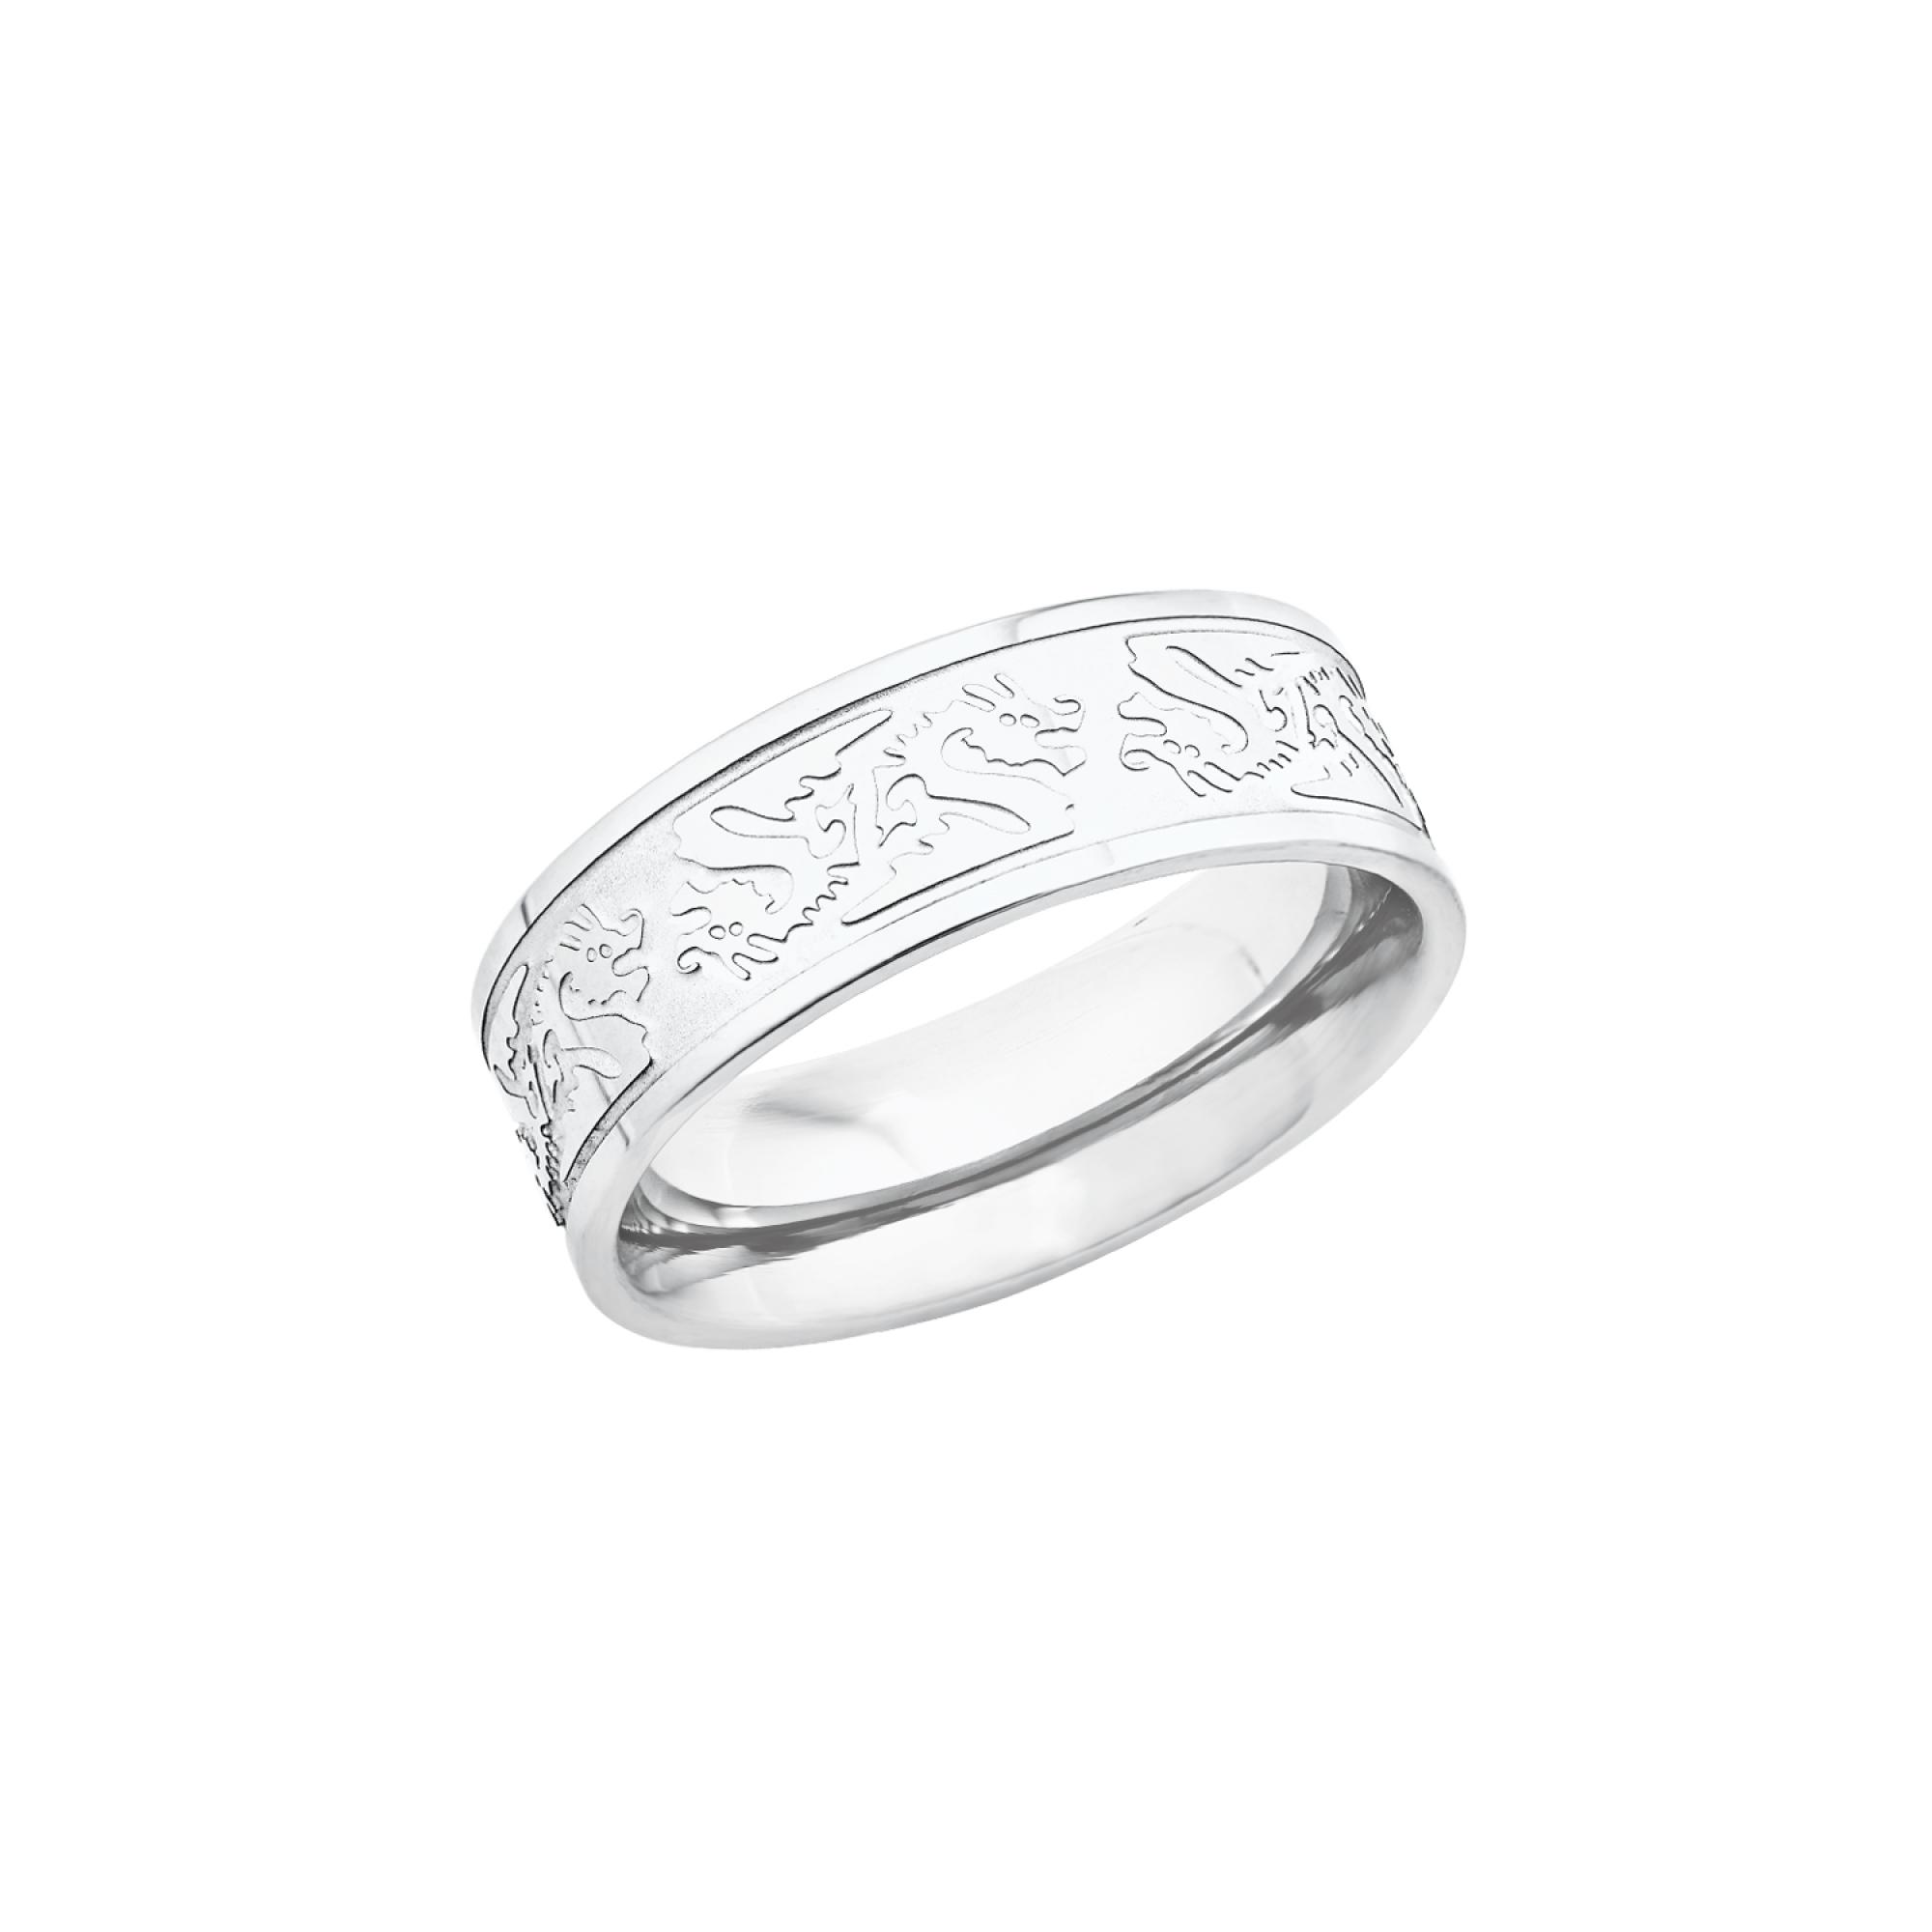 Ring für Herren, Edelstahl, Drachen